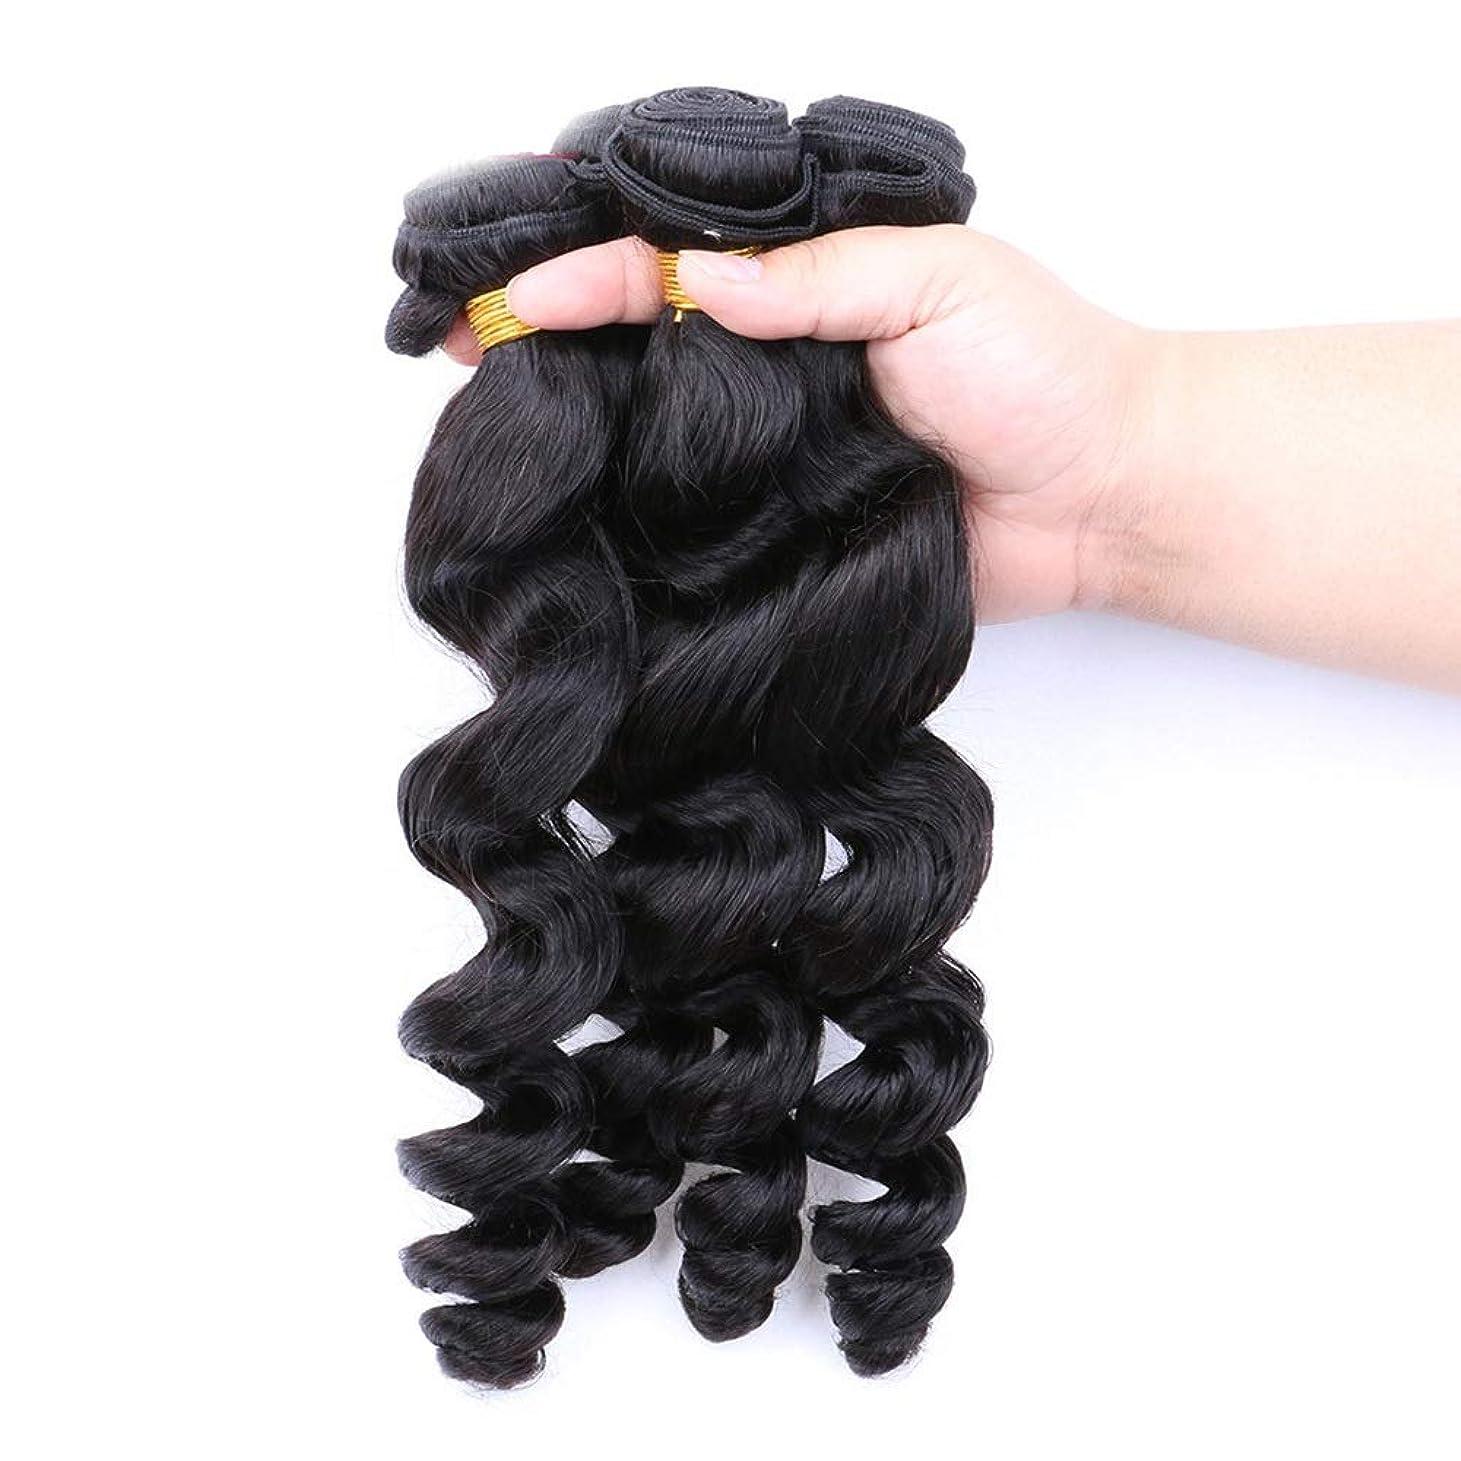 未亡人読書をするつらいYrattary 人間の髪の毛の束ルースウェーブカーリーヘア織りナチュラルカラーヘアエクステンション(1バンドル、100g)合成毛レースかつらロールプレイングかつら (色 : 黒, サイズ : 20 inch)